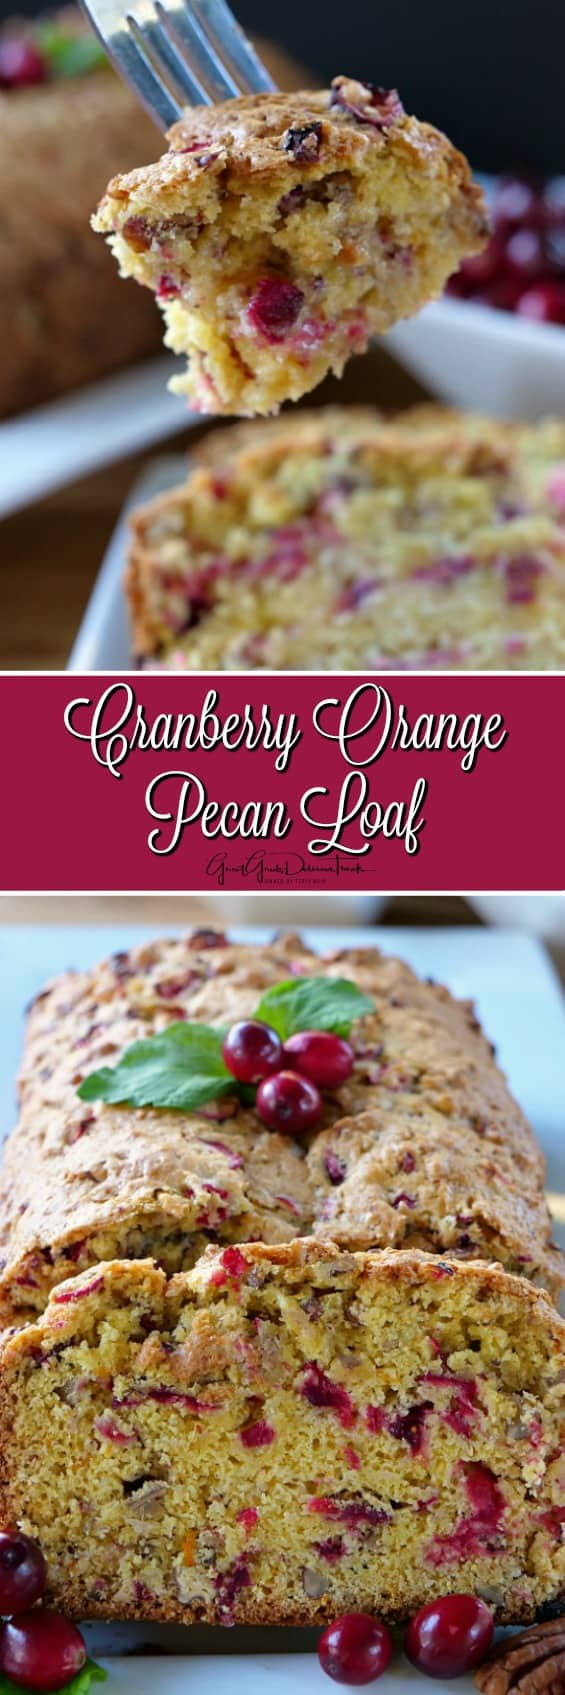 Cranberry Orange Pecan Loaf